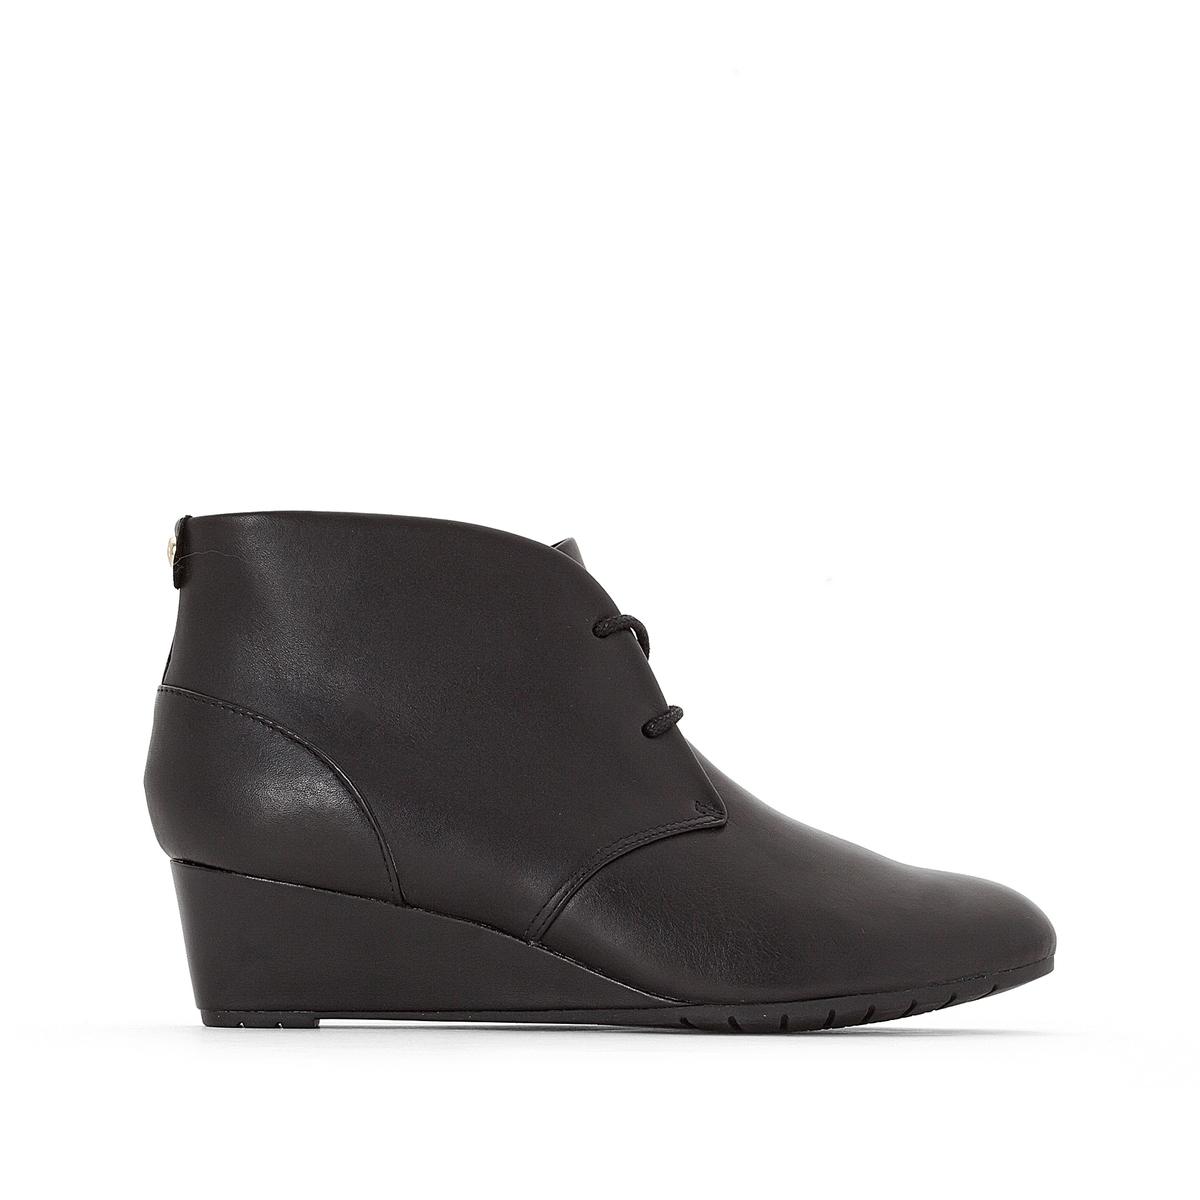 Ботинки кожаные  Vendra PeakВерх : Кожа.   Подкладка : синтетика   Стелька : Кожа.   Подошва : Каучук   Высота каблука : 4 см   Форма каблука : танкетка   Мысок : закругленный   Застежка : Шнуровка<br><br>Цвет: серо-коричневый,черный<br>Размер: 39